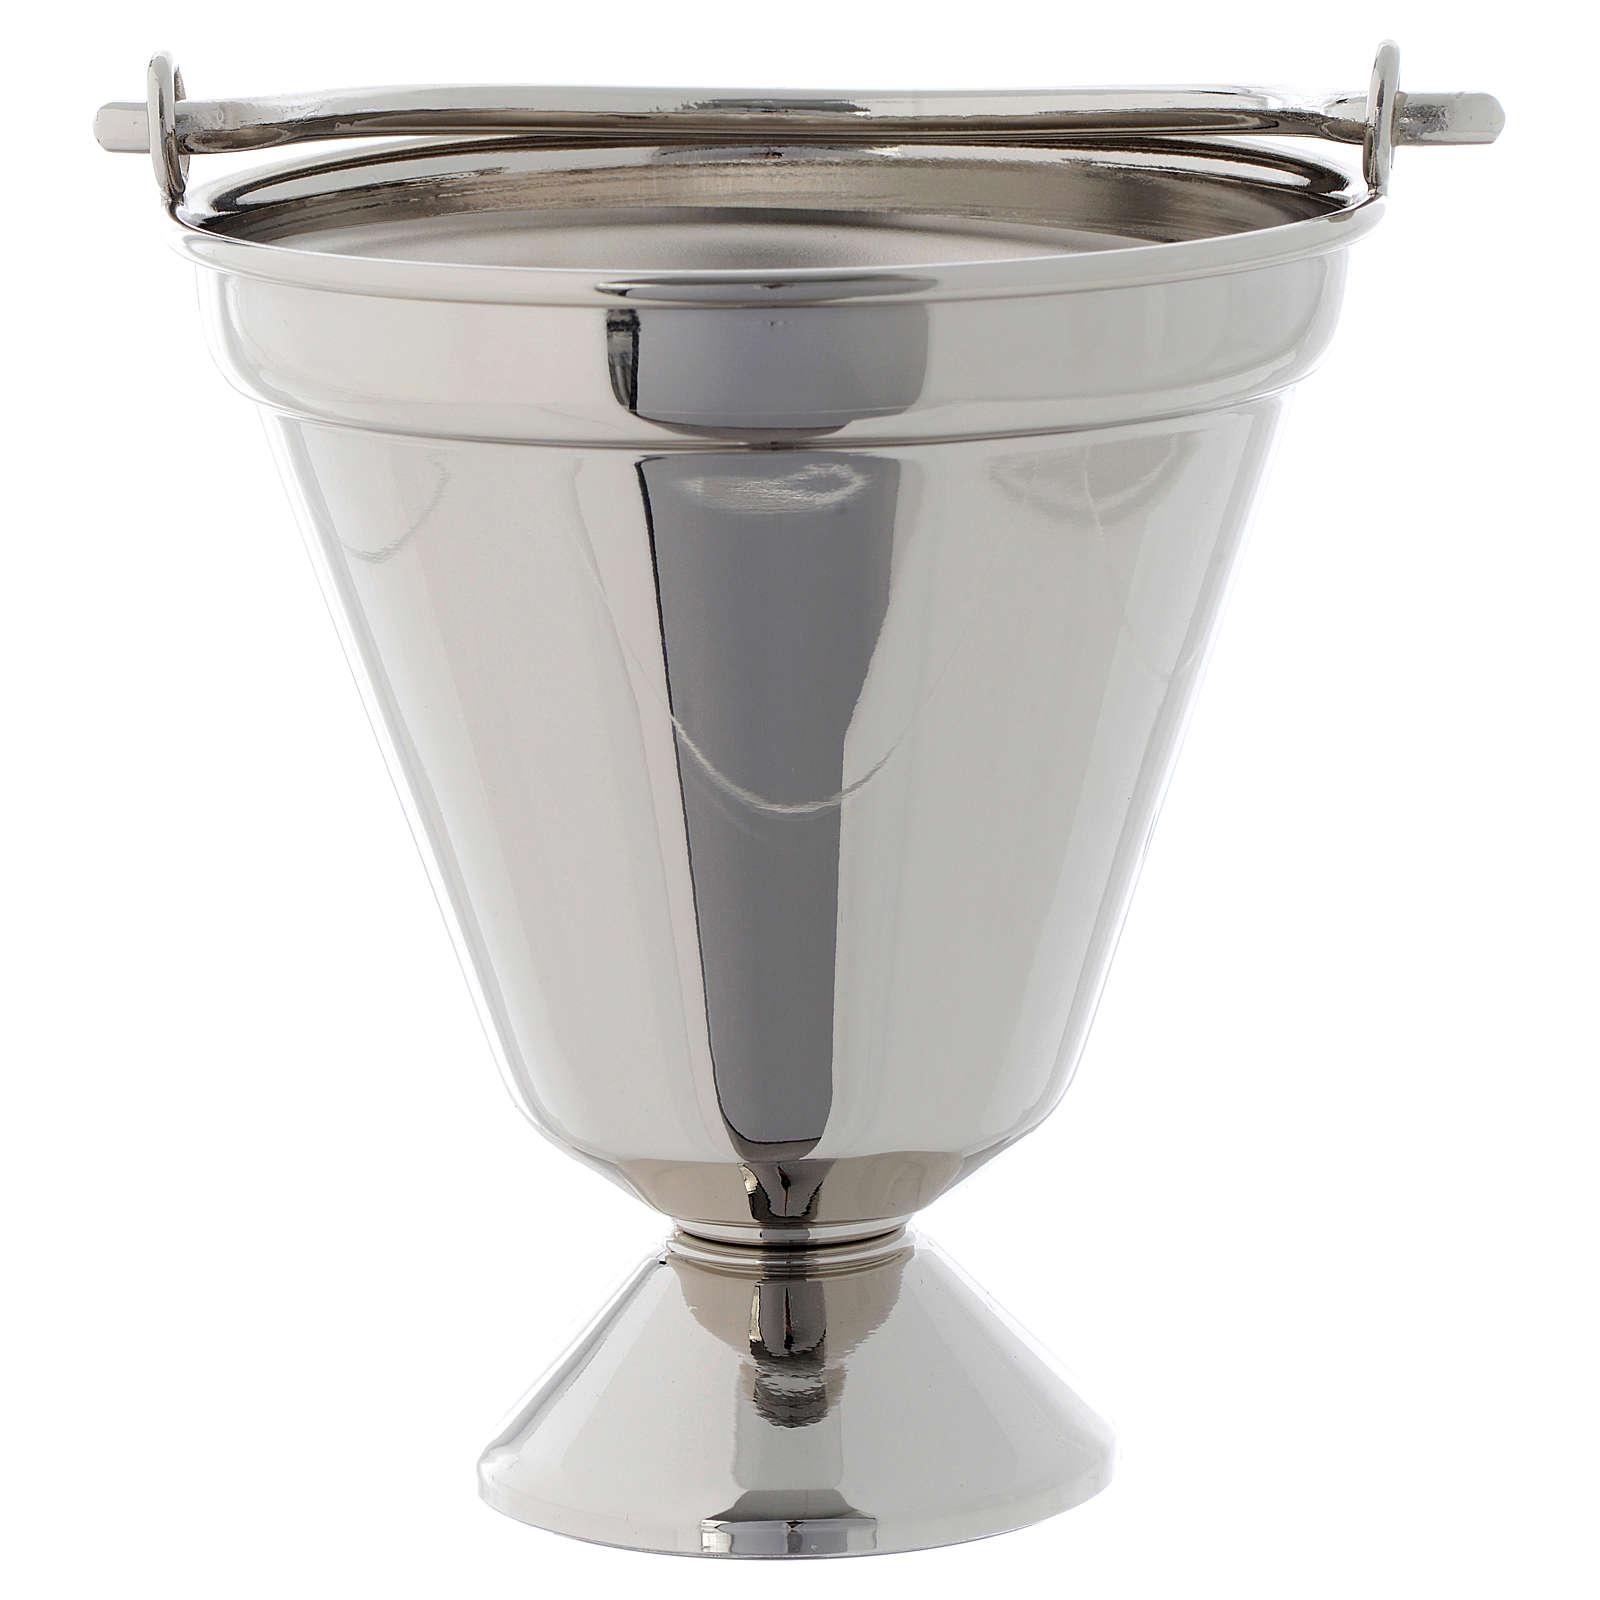 Seau à eau bénite nickelé modèle simple 3